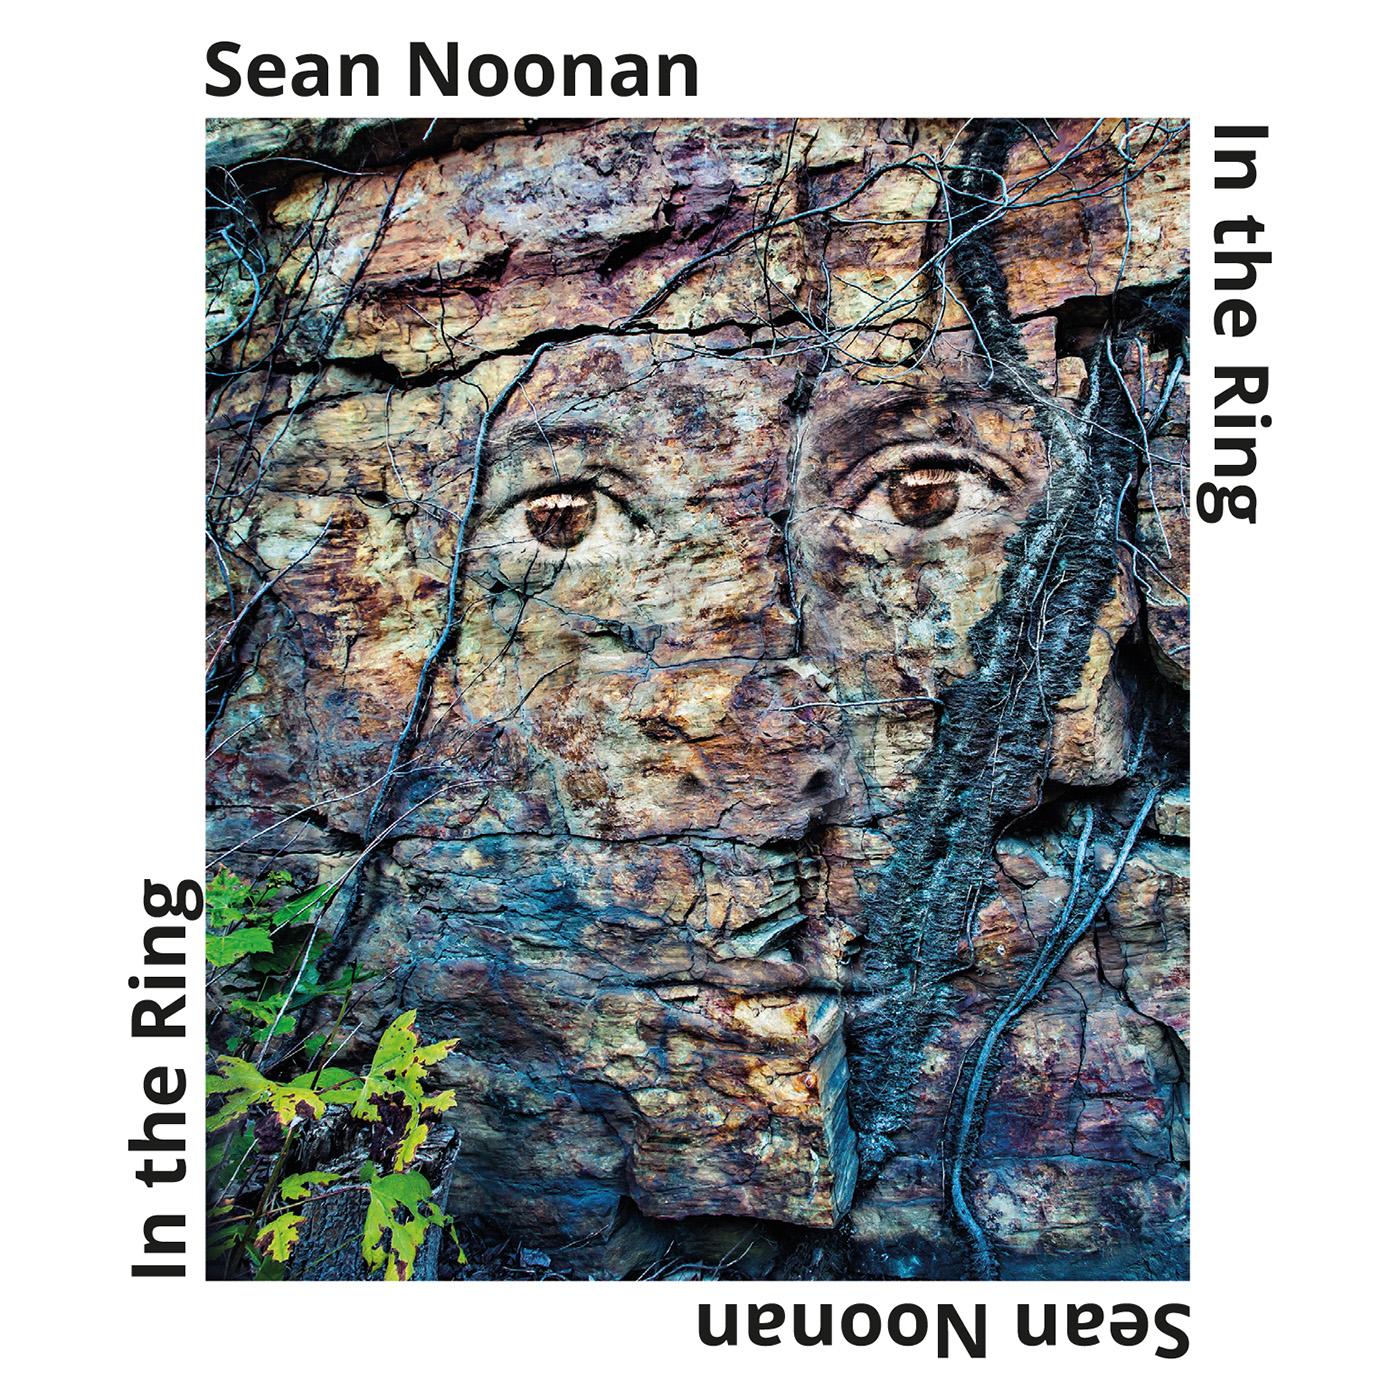 Sean Noonan in the Ring